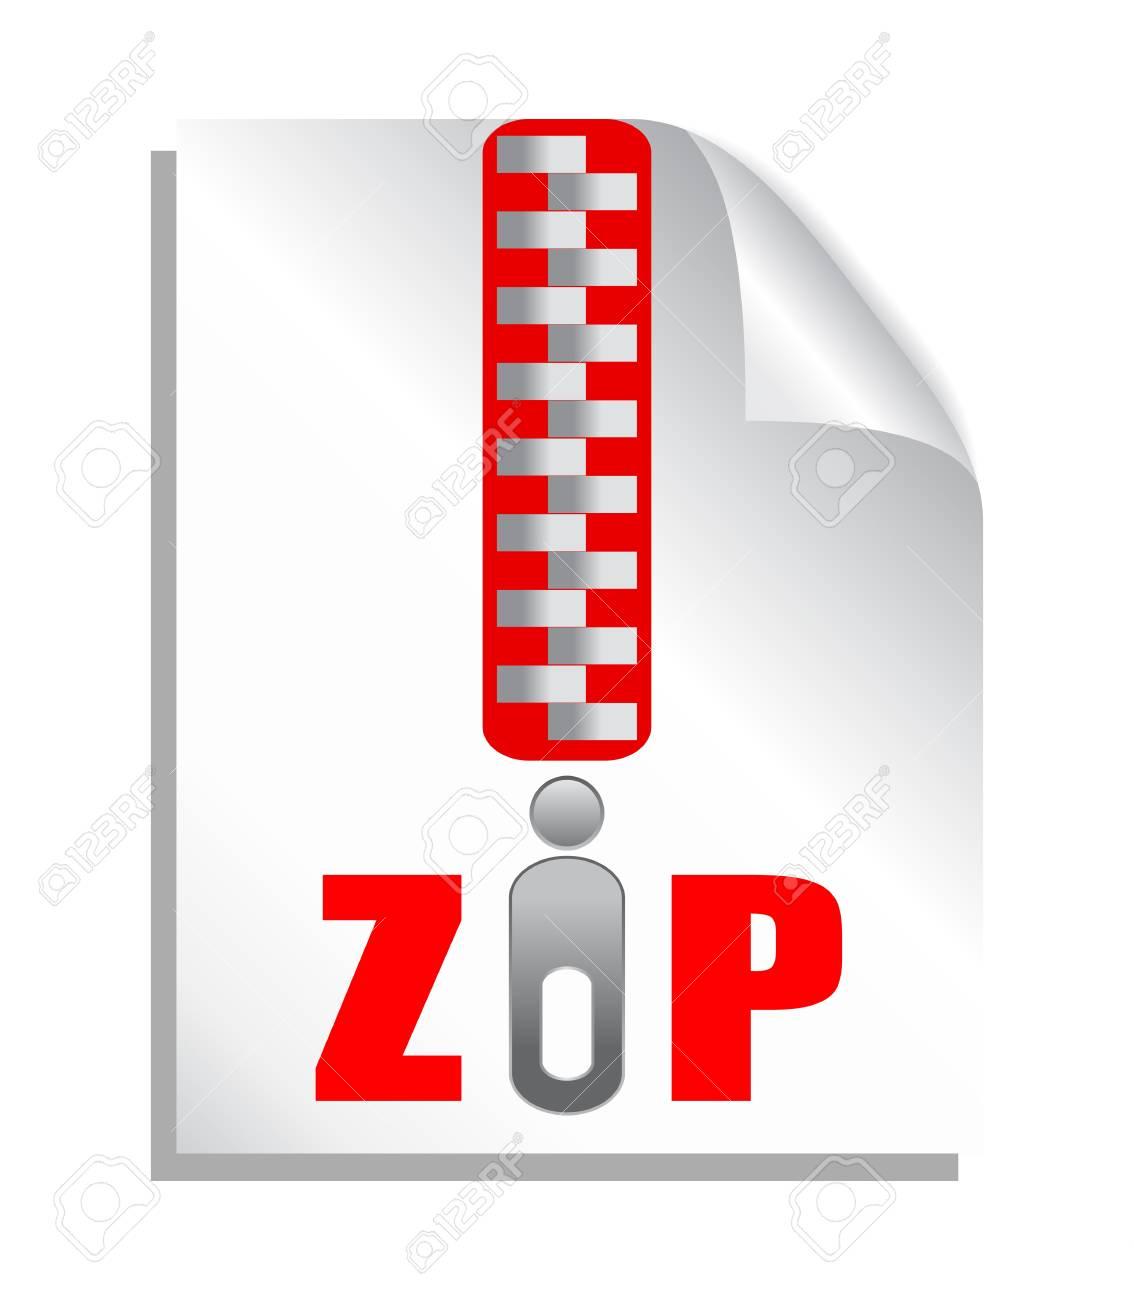 Zip file download, vector illustration Stock Vector - 19397637